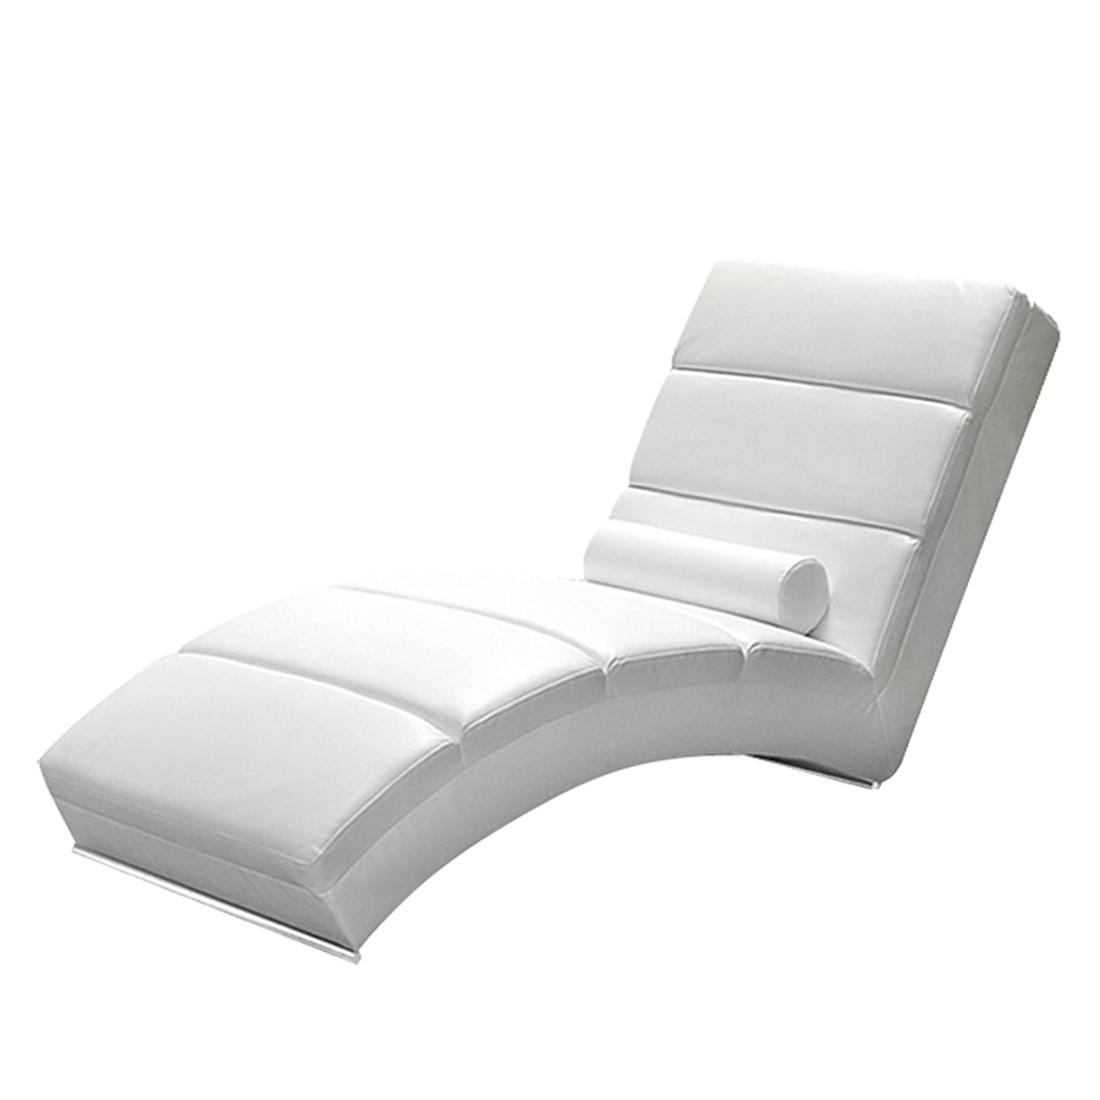 goedkoop Relaxfauteuil Alicante wit kunstleer California